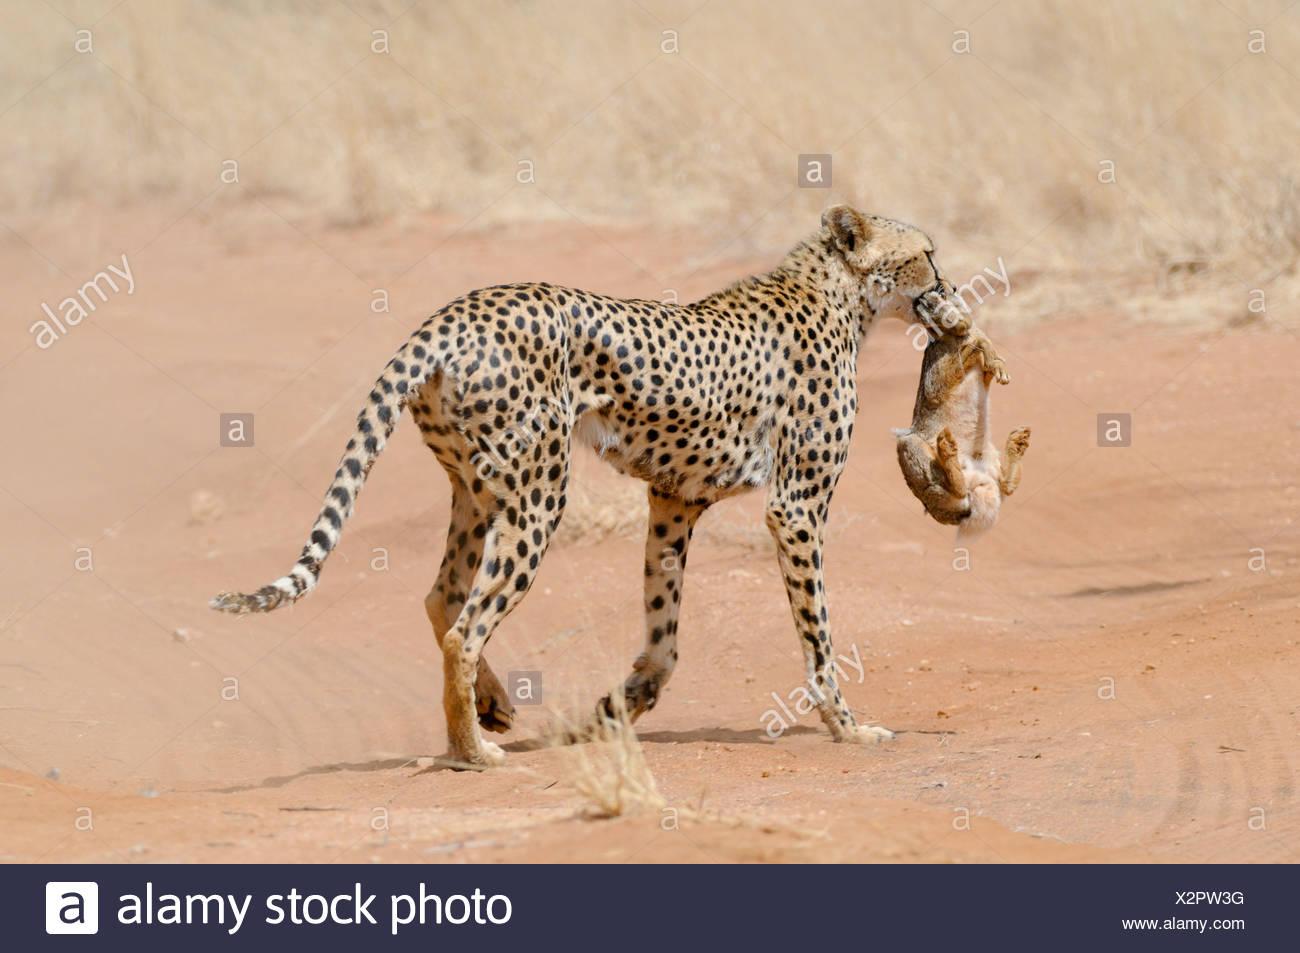 África, Kenia, Reserva Nacional de Samburu, el guepardo (Acinonyx jubatus) lleva un conejo cazados en su boca a sus cachorros Imagen De Stock